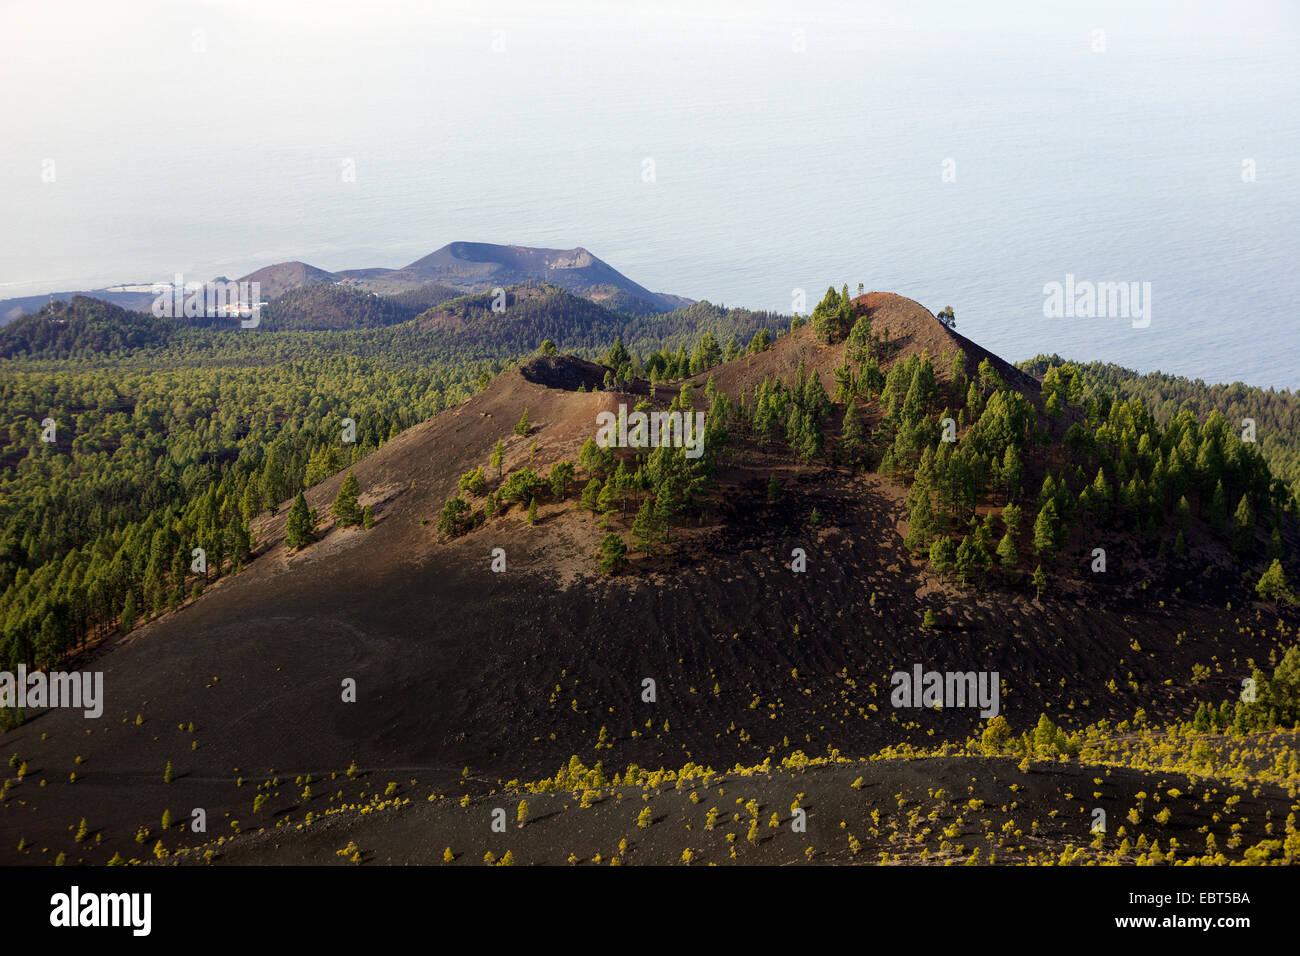 view from Martin volcano to Monta�a del Fuego and San Antonio volcano, Ruta de los Volcanes, Canary Islands, La - Stock Image